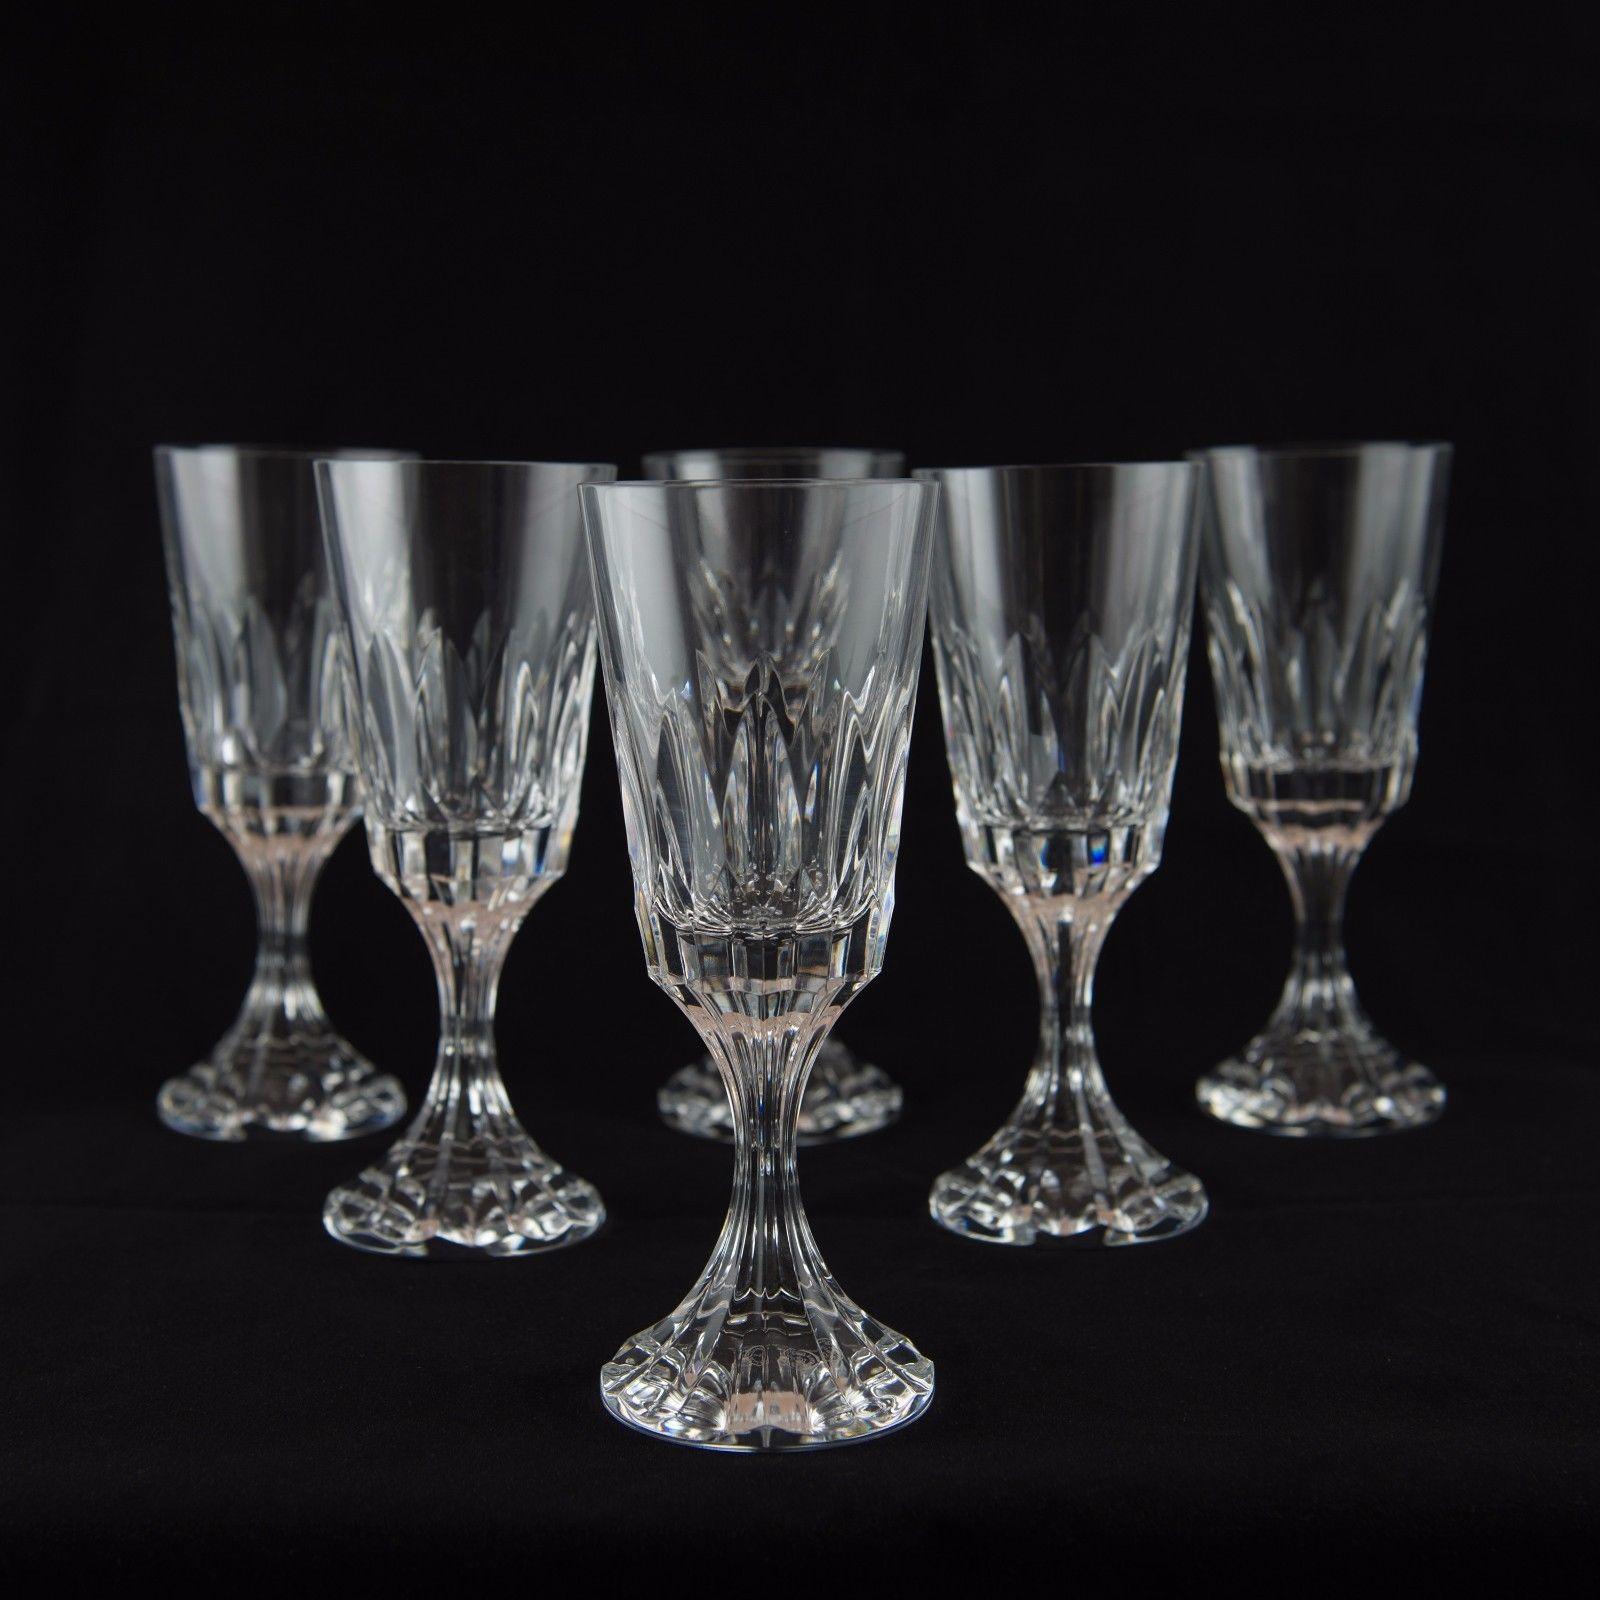 バカラワイングラス アッサス(D'Assas)baccarat glass